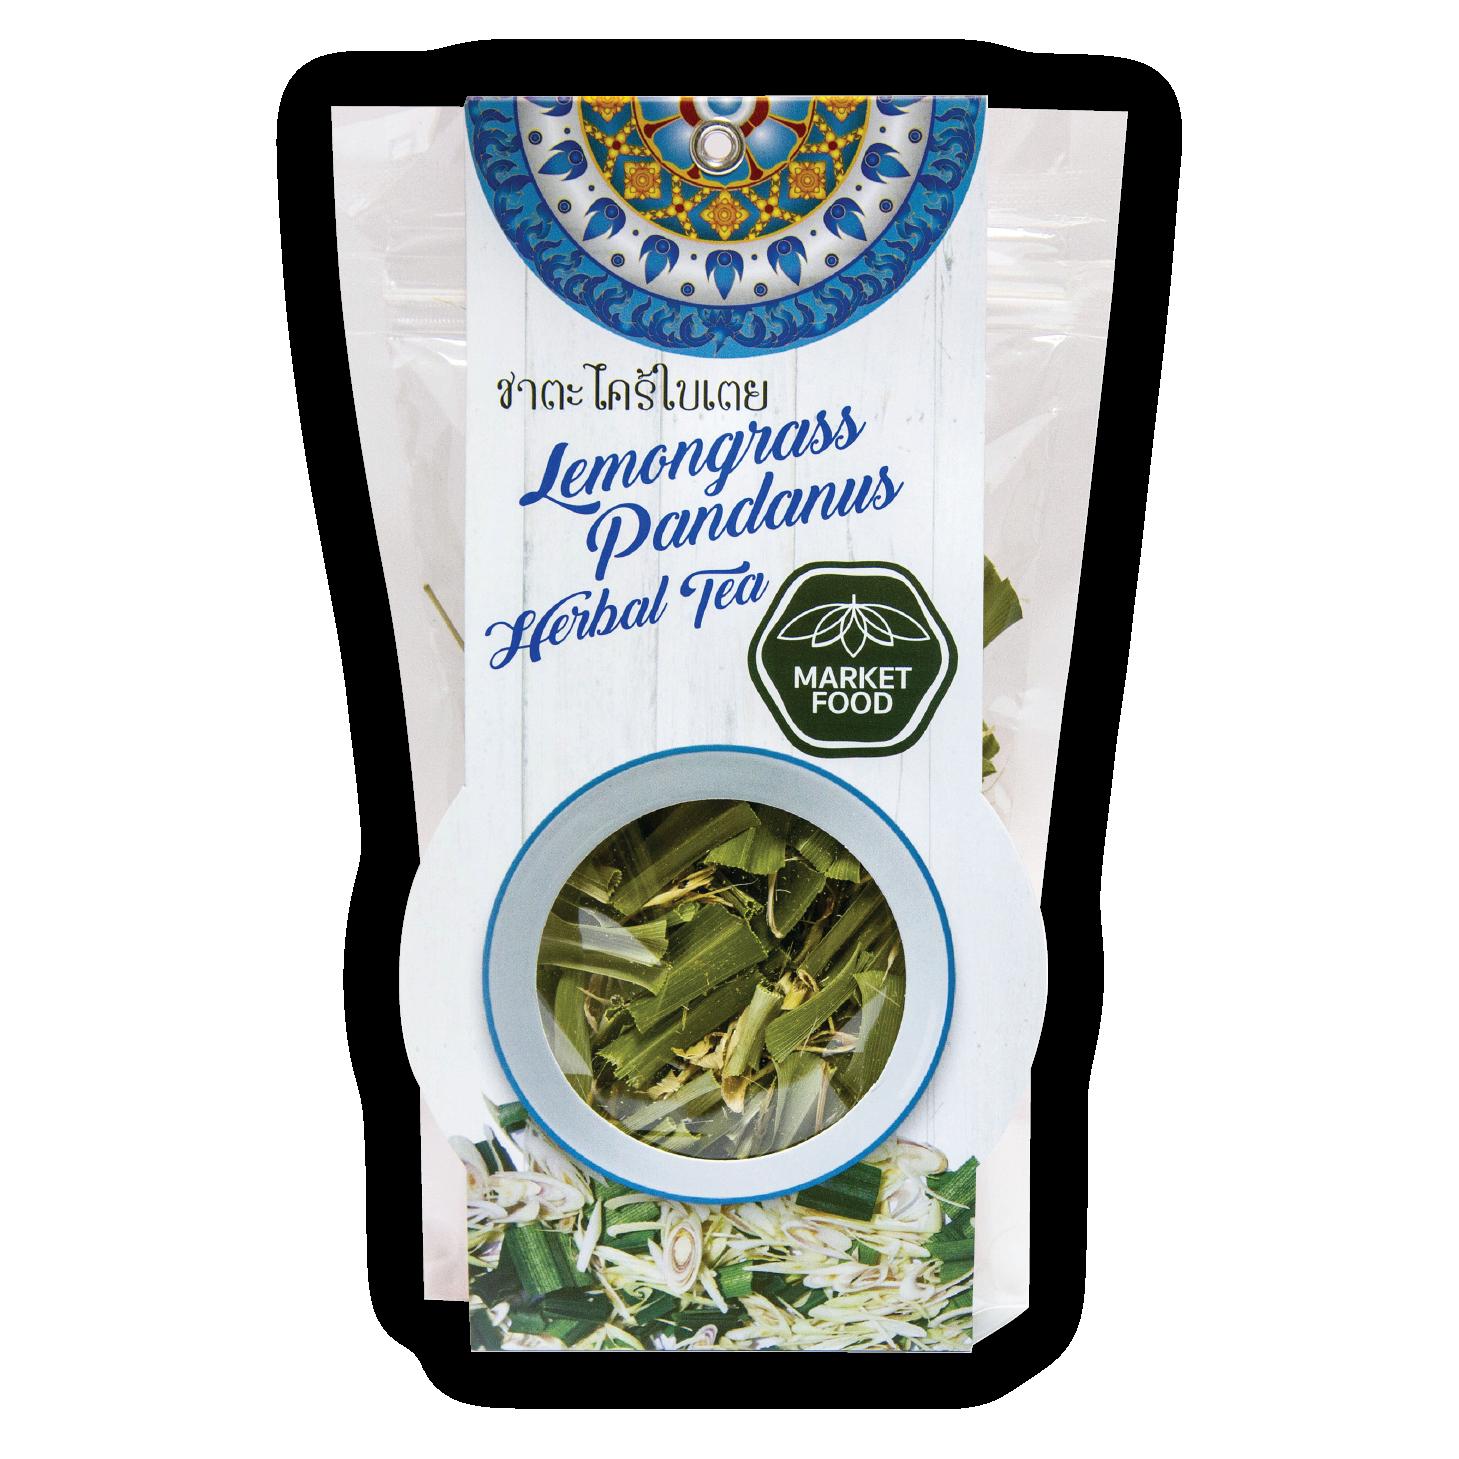 Lemongrass Pandanus Herbal  Tea